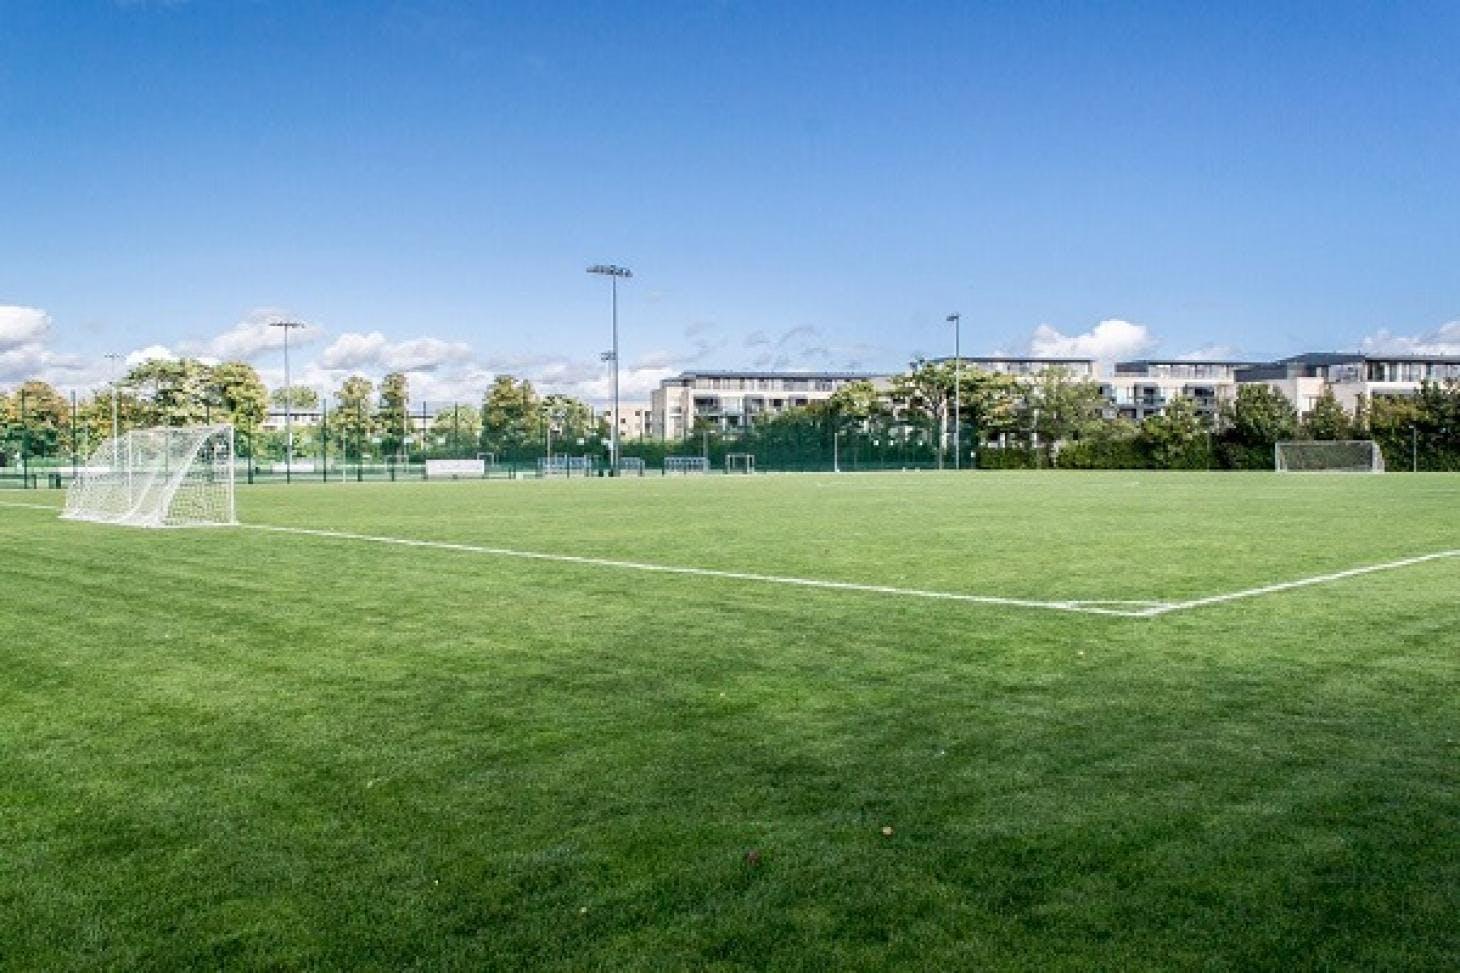 Alexandra College 11 a side | Grass football pitch